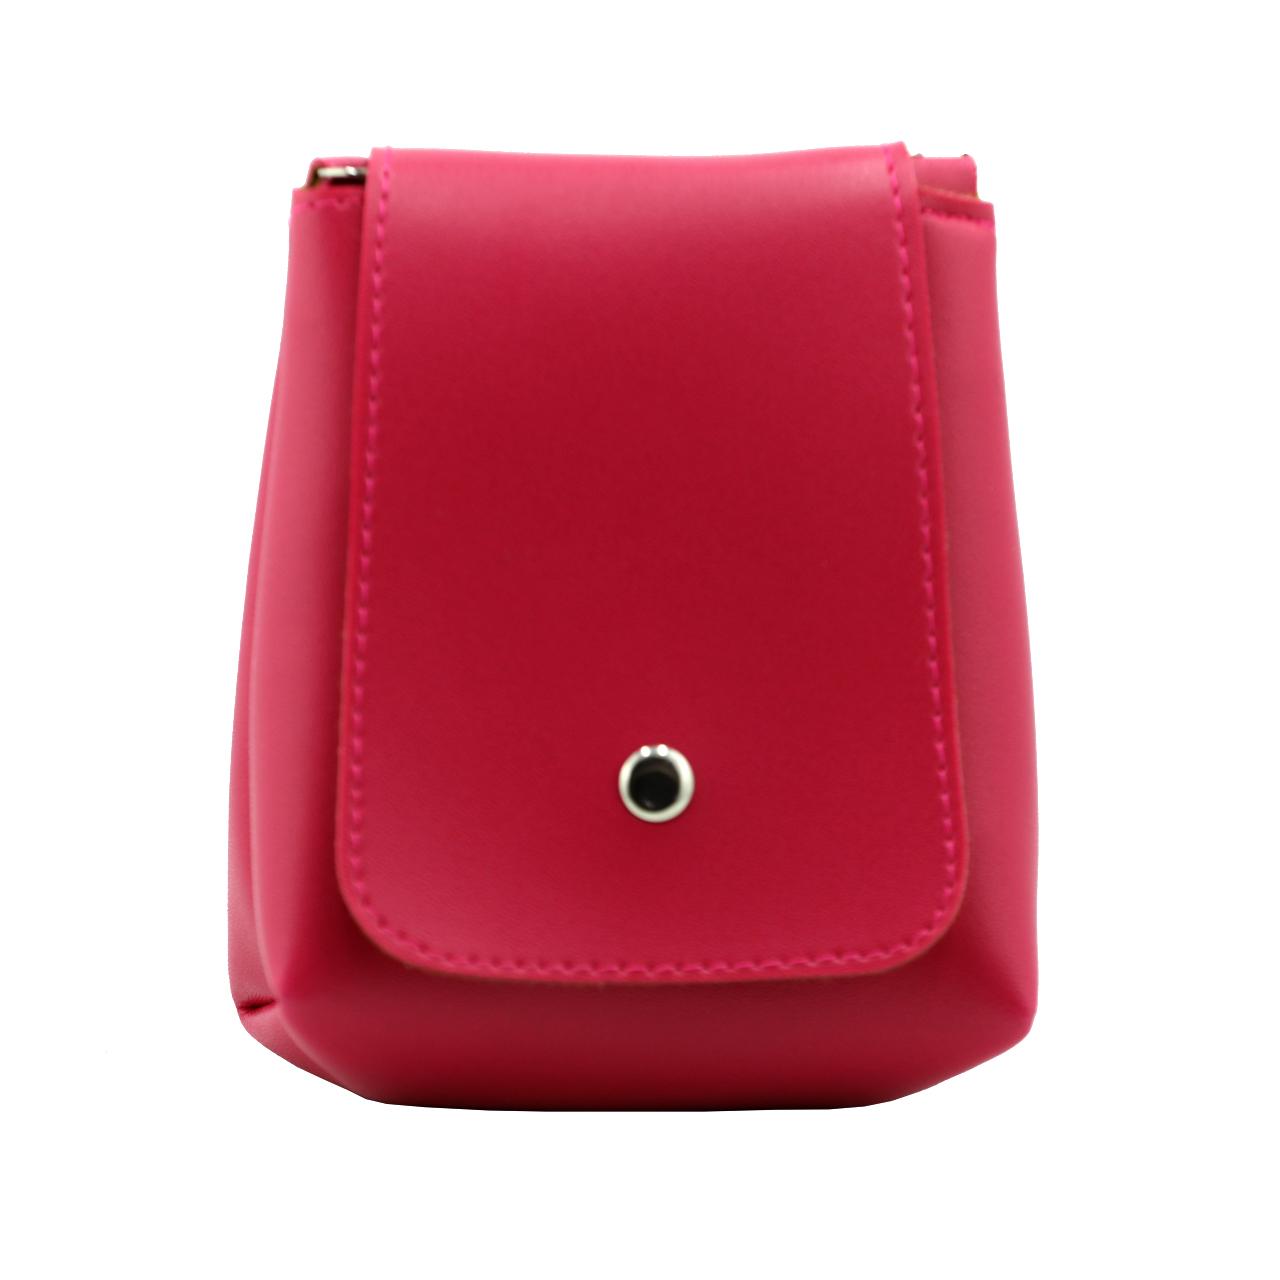 کیف کمری زنانه مدل brfp-1